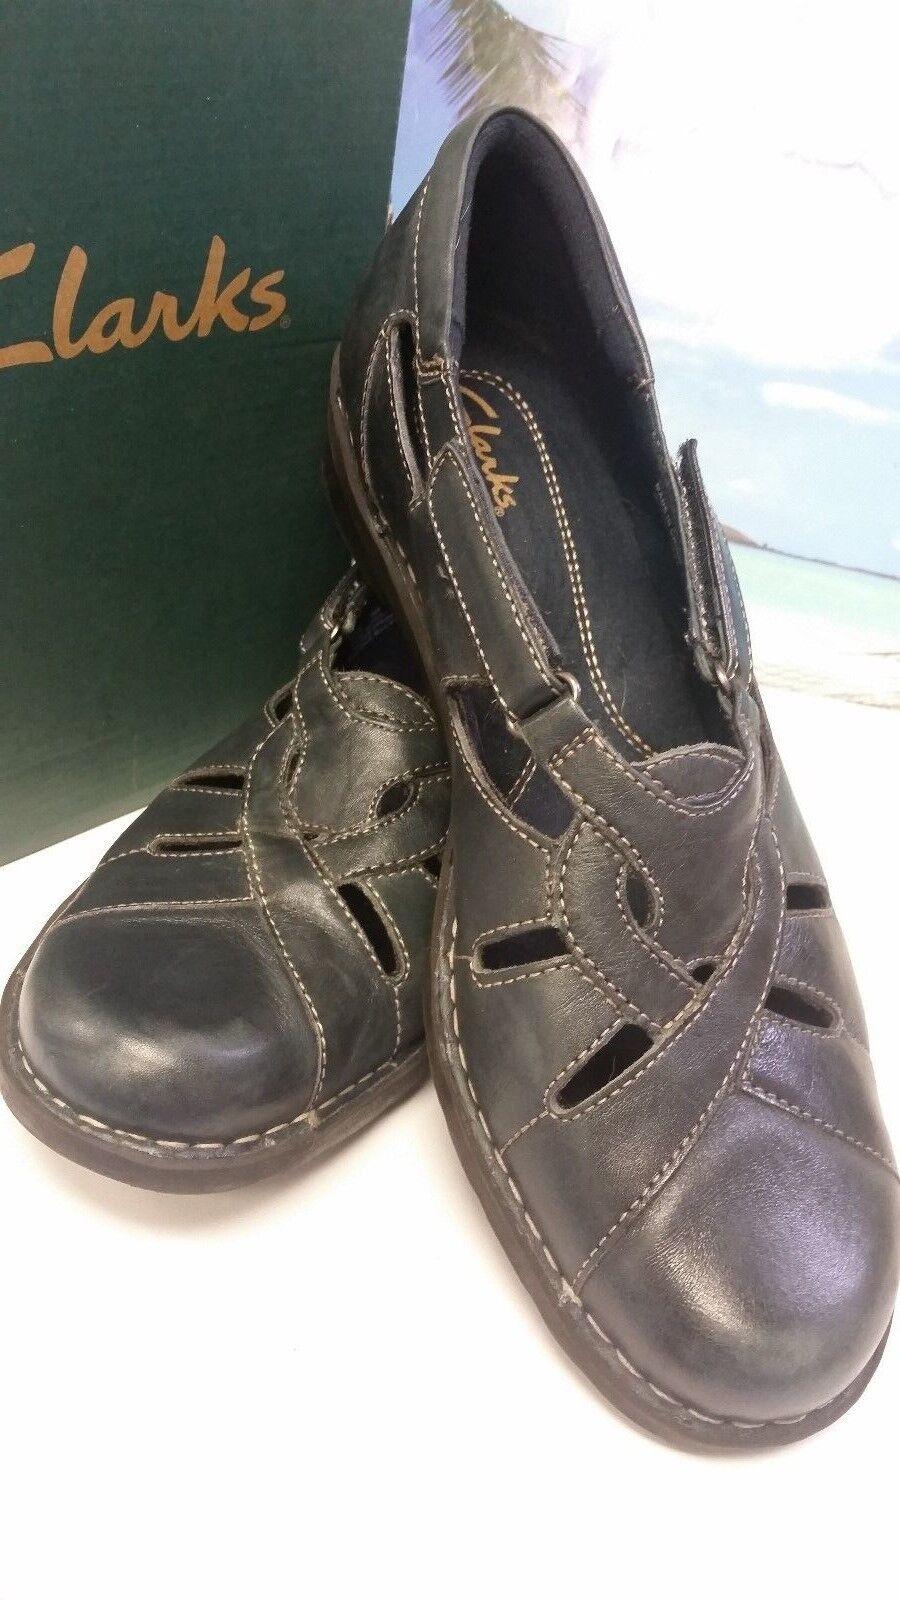 Clark's femme 10 M Bendables chaussures Confort 10 B Réglable Antidérapant Semelle excellent état utilisé